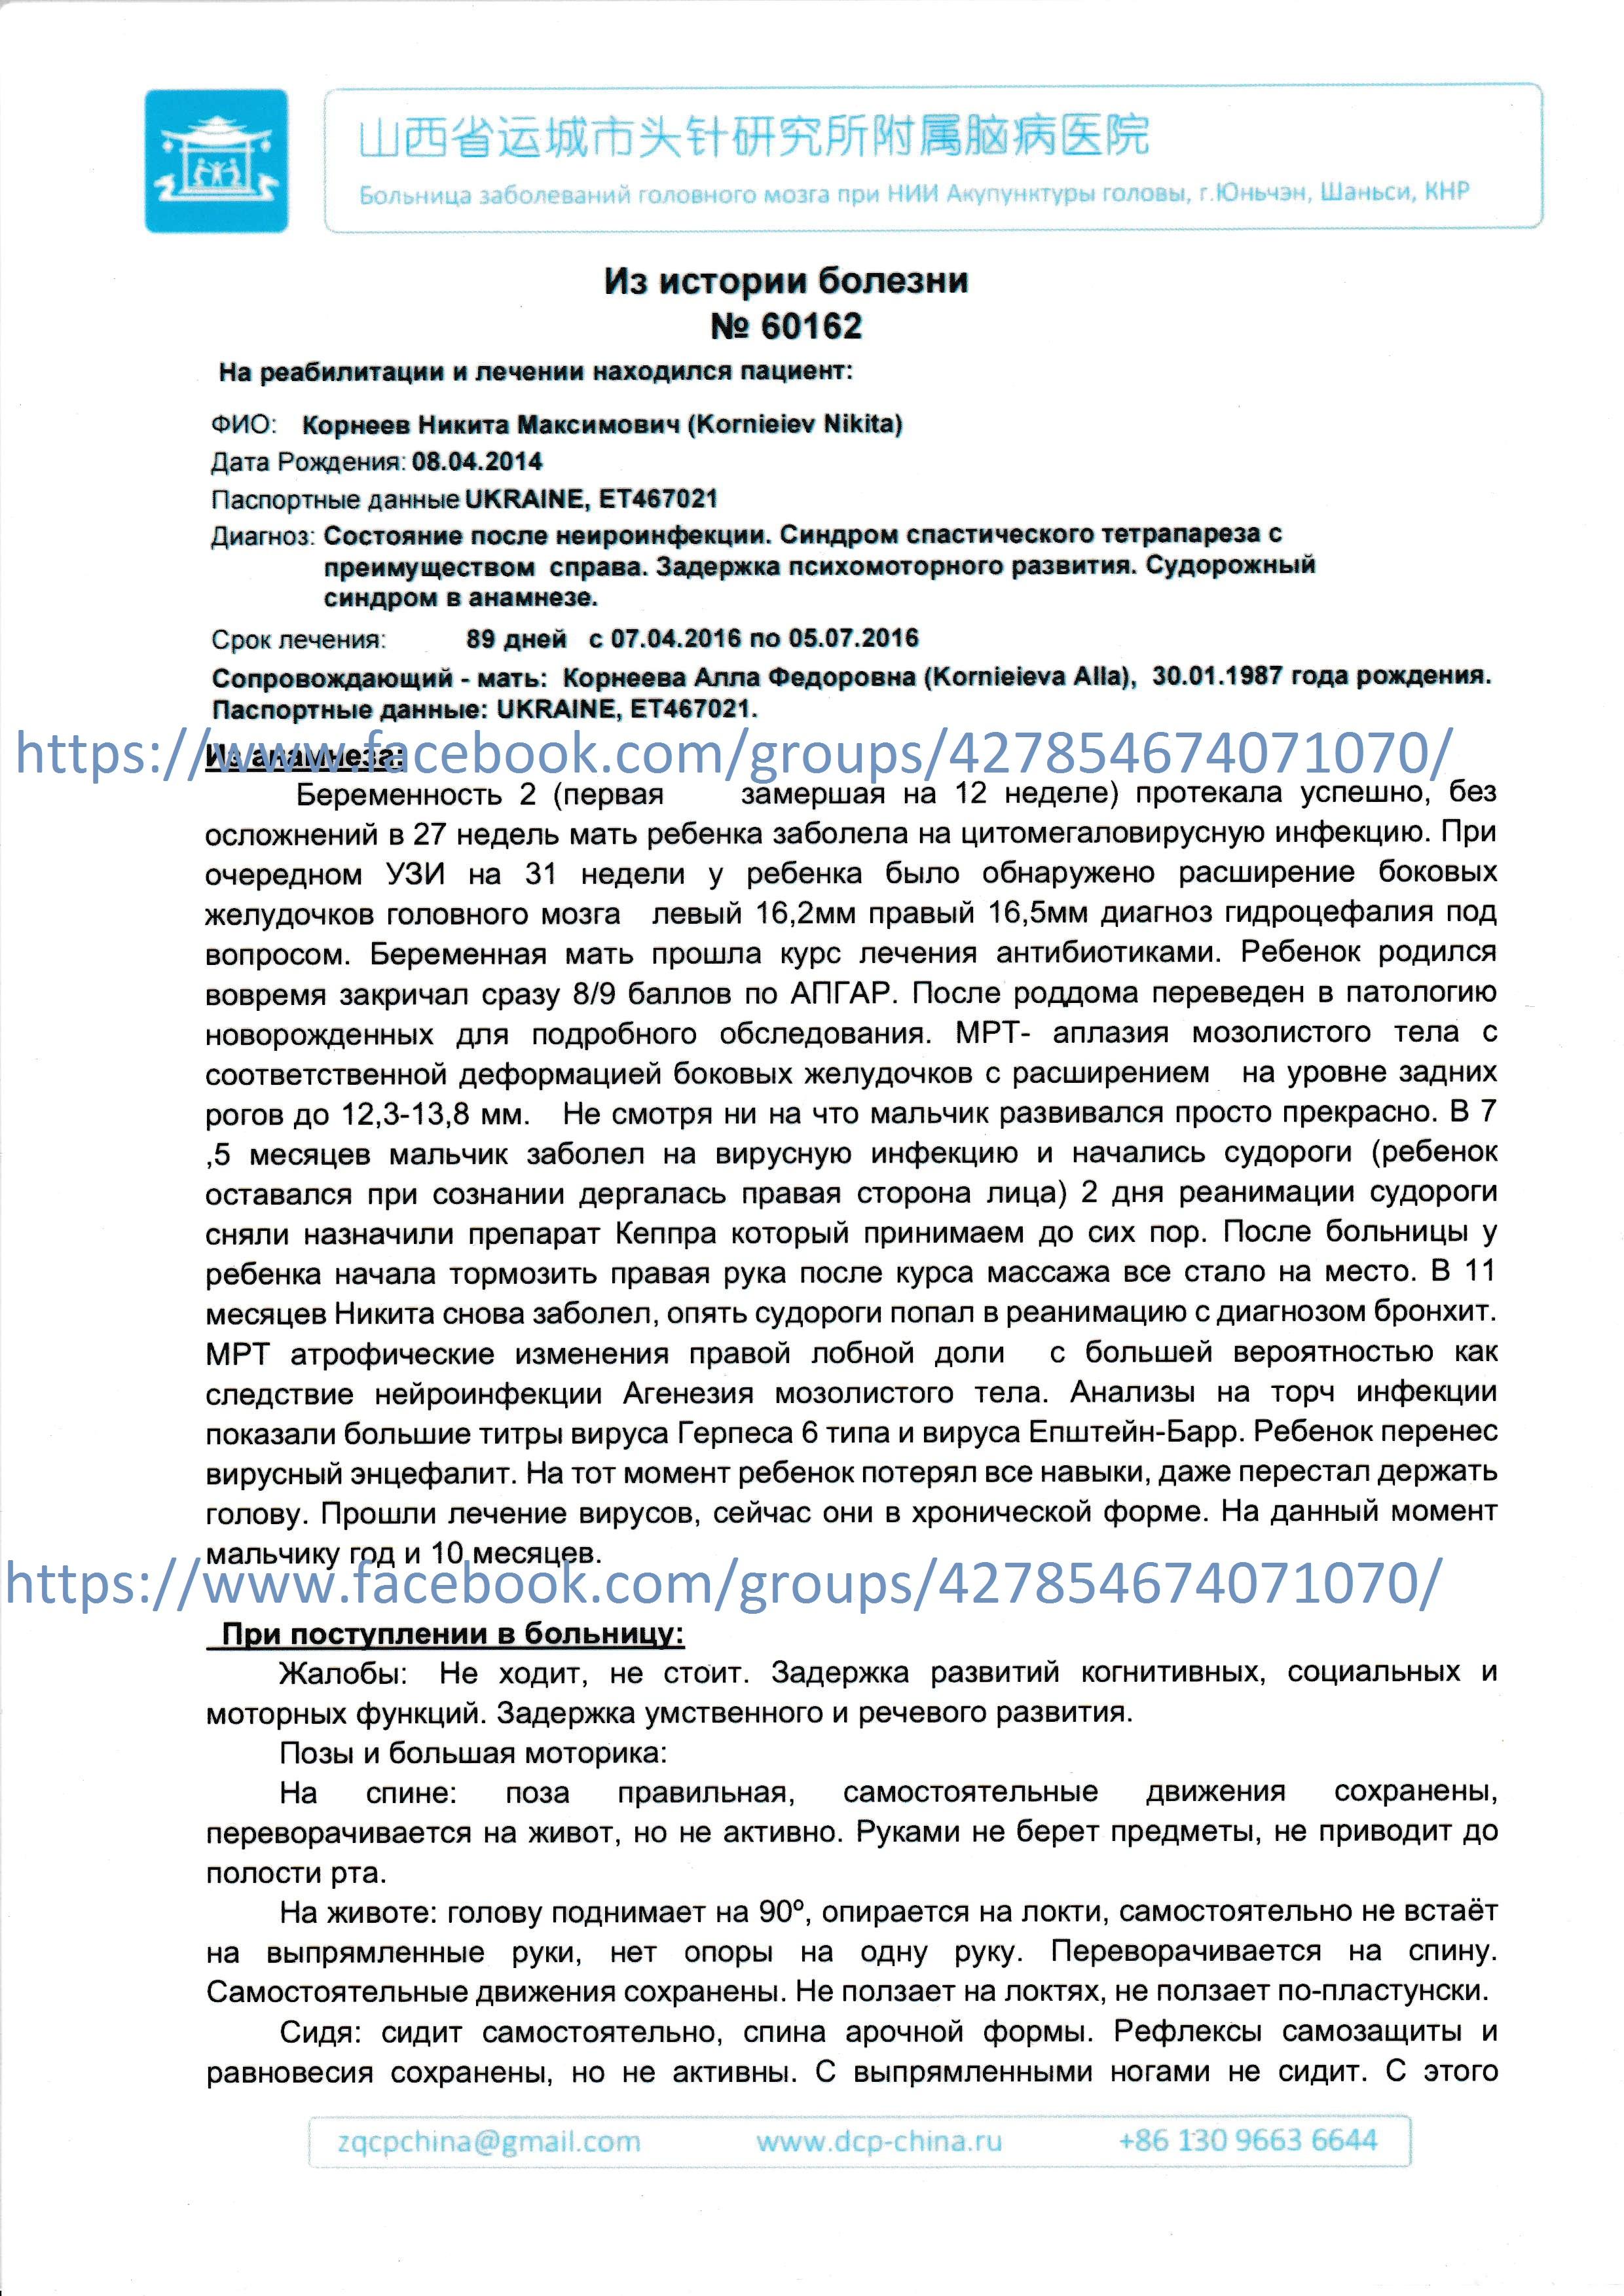 Корнеев Никита